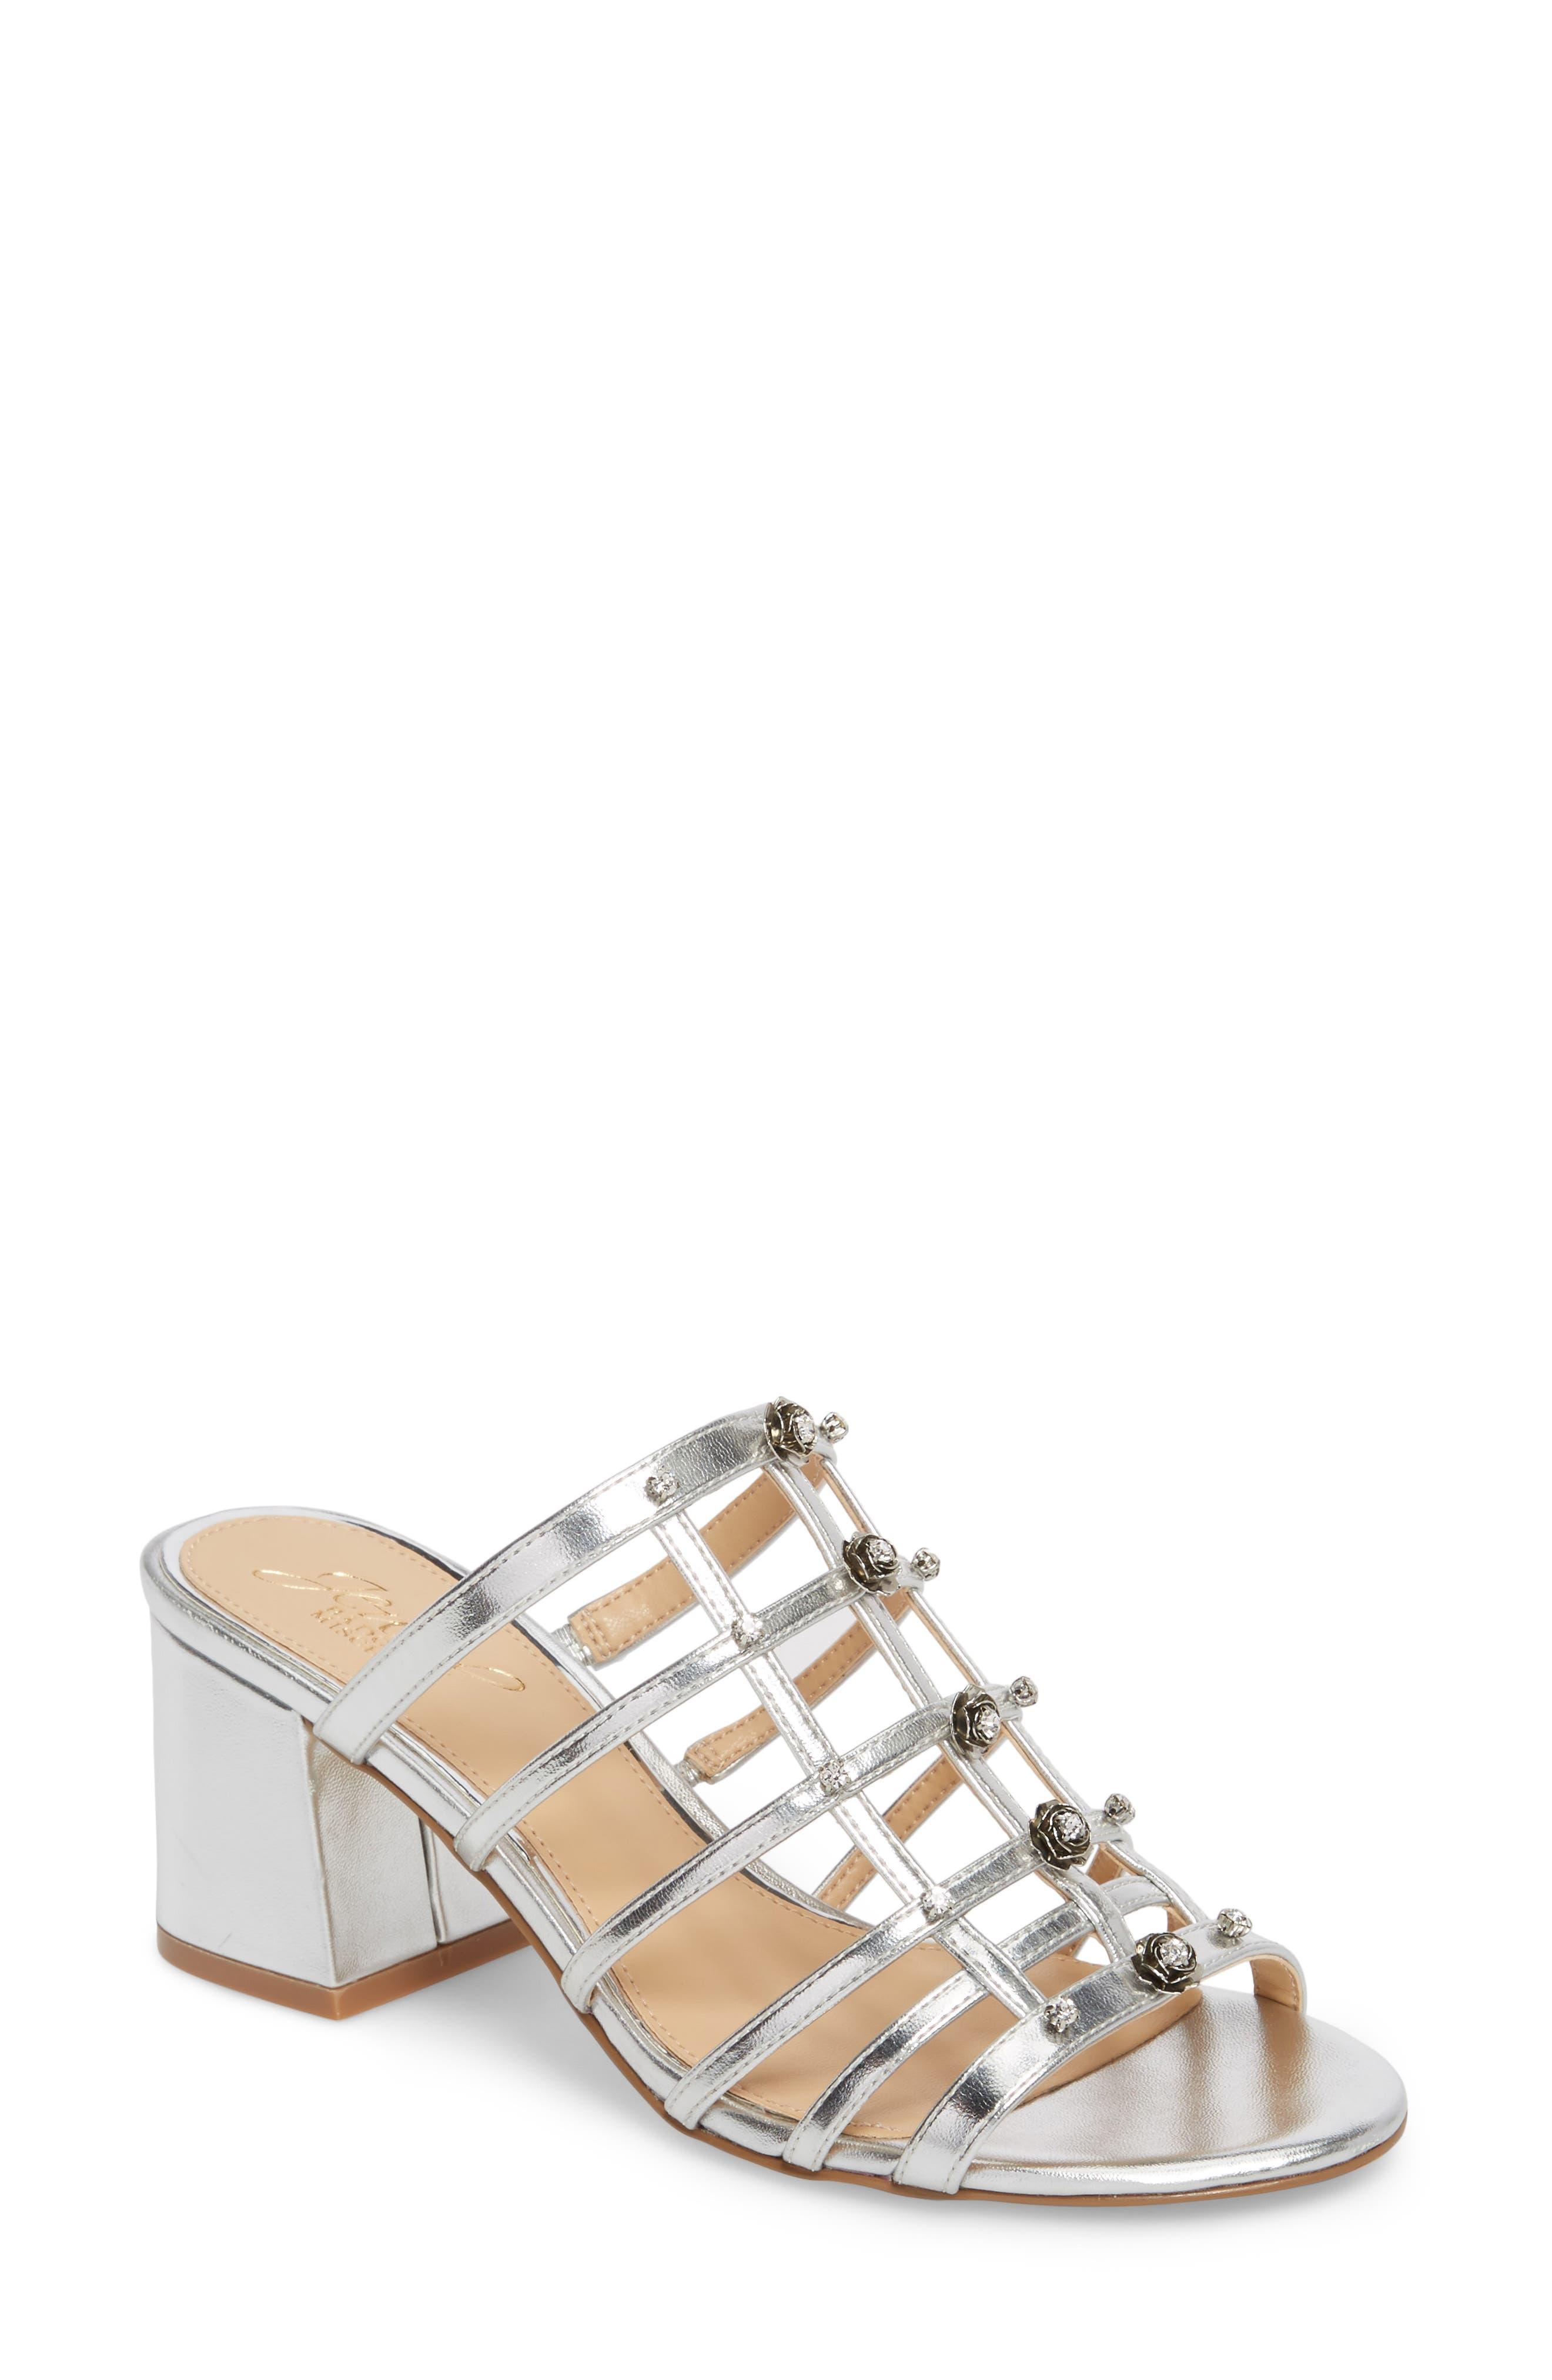 Main Image - Jewel Badgley Mischka Thorne Crystal Rose Embellished Slide Sandal (Women)